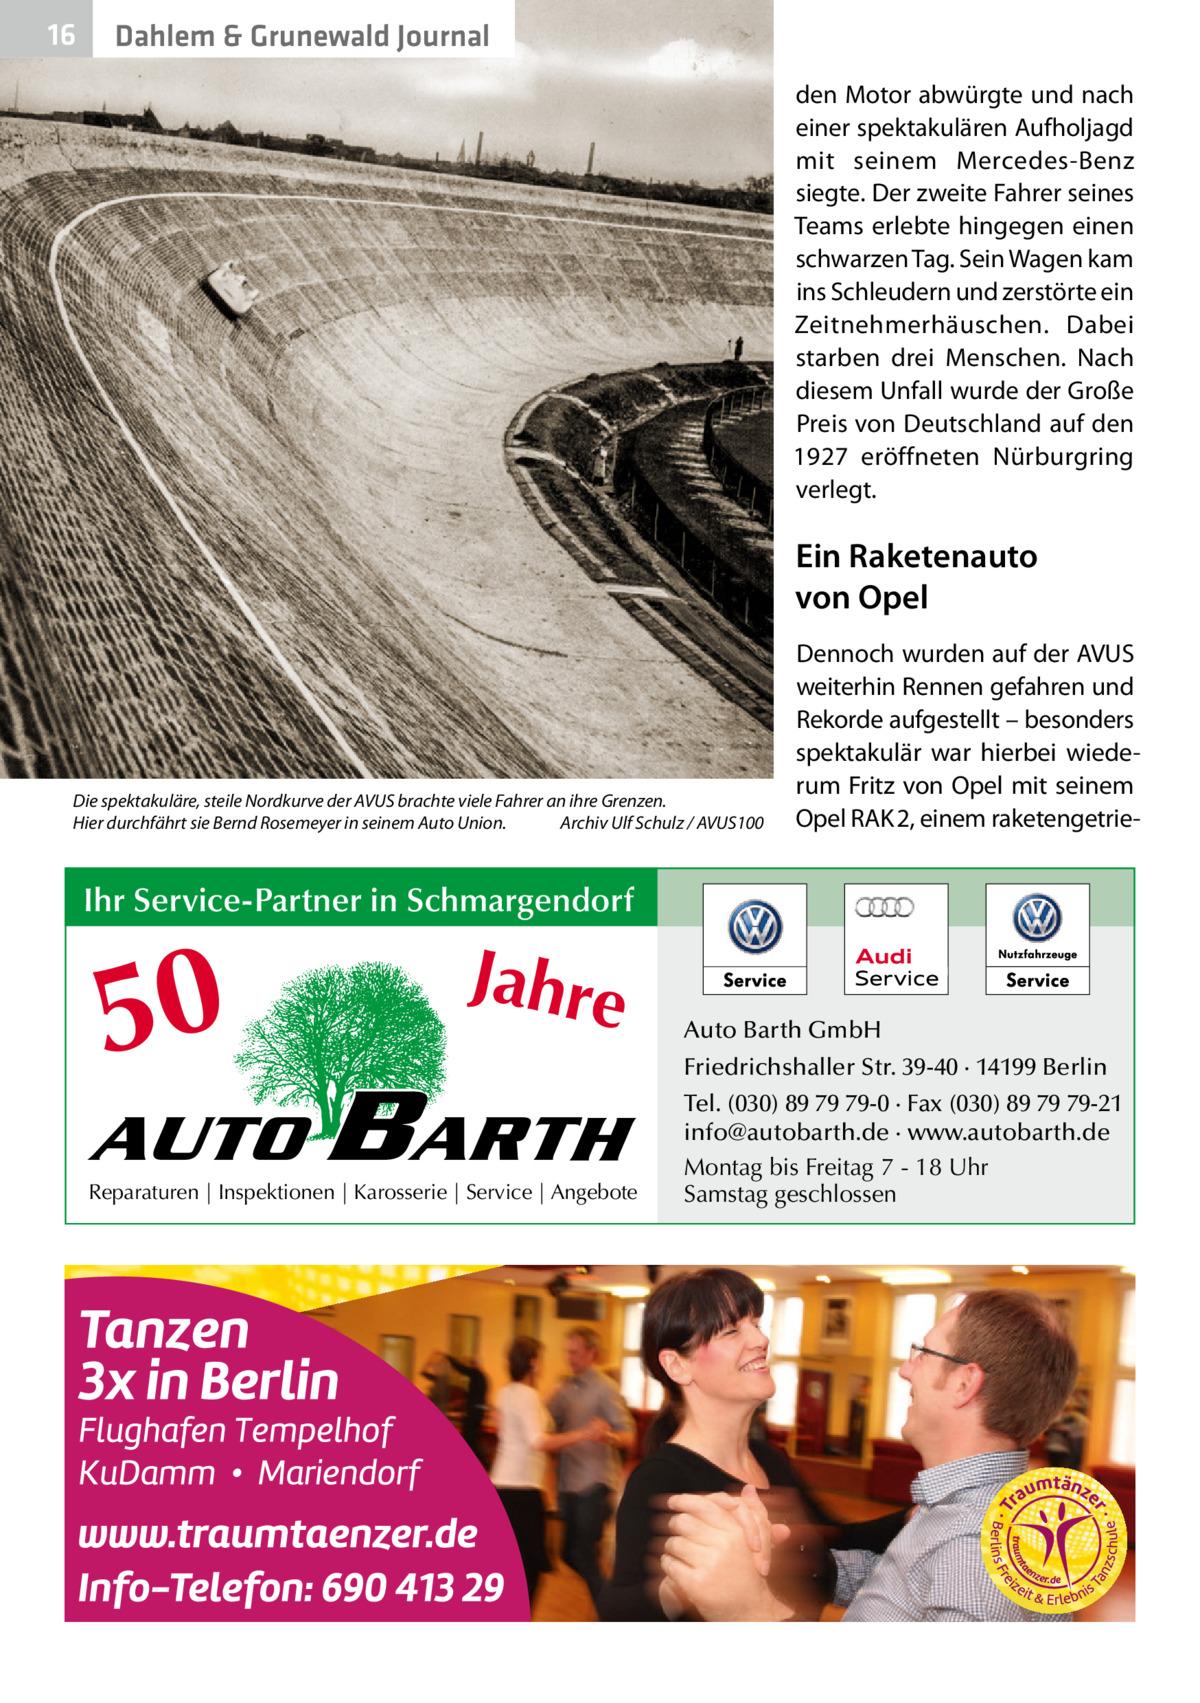 16  Dahlem & Grunewald Journal den Motor abwürgte und nach einer spektakulären Aufholjagd mit seinem Mercedes-Benz siegte. Der zweite Fahrer seines Teams erlebte hingegen einen schwarzen Tag. Sein Wagen kam ins Schleudern und zerstörte ein Zeitnehmerhäuschen. Dabei starben drei Menschen. Nach diesem Unfall wurde der Große Preis von Deutschland auf den 1927 eröffneten Nürburgring verlegt.  Ein Raketenauto von Opel  Die spektakuläre, steile Nordkurve der AVUS brachte viele Fahrer an ihre Grenzen. Hier durchfährt sie Bernd Rosemeyer in seinem Auto Union.� Archiv Ulf Schulz / AVUS100  Dennoch wurden auf der AVUS weiterhin Rennen gefahren und Rekorde aufgestellt – besonders spektakulär war hierbei wiederum Fritz von Opel mit seinem Opel RAK2, einem raketengetrie Ihr Service-Partner in Schmargendorf  50 AUTO  Jahre  BARTH  Reparaturen | Inspektionen | Karosserie | Service | Angebote  Auto Barth GmbH Friedrichshaller Str. 39-40 · 14199 Berlin Tel. (030) 89 79 79-0 · Fax (030) 89 79 79-21 info@autobarth.de · www.autobarth.de Montag bis Freitag 7 - 18 Uhr Samstag geschlossen